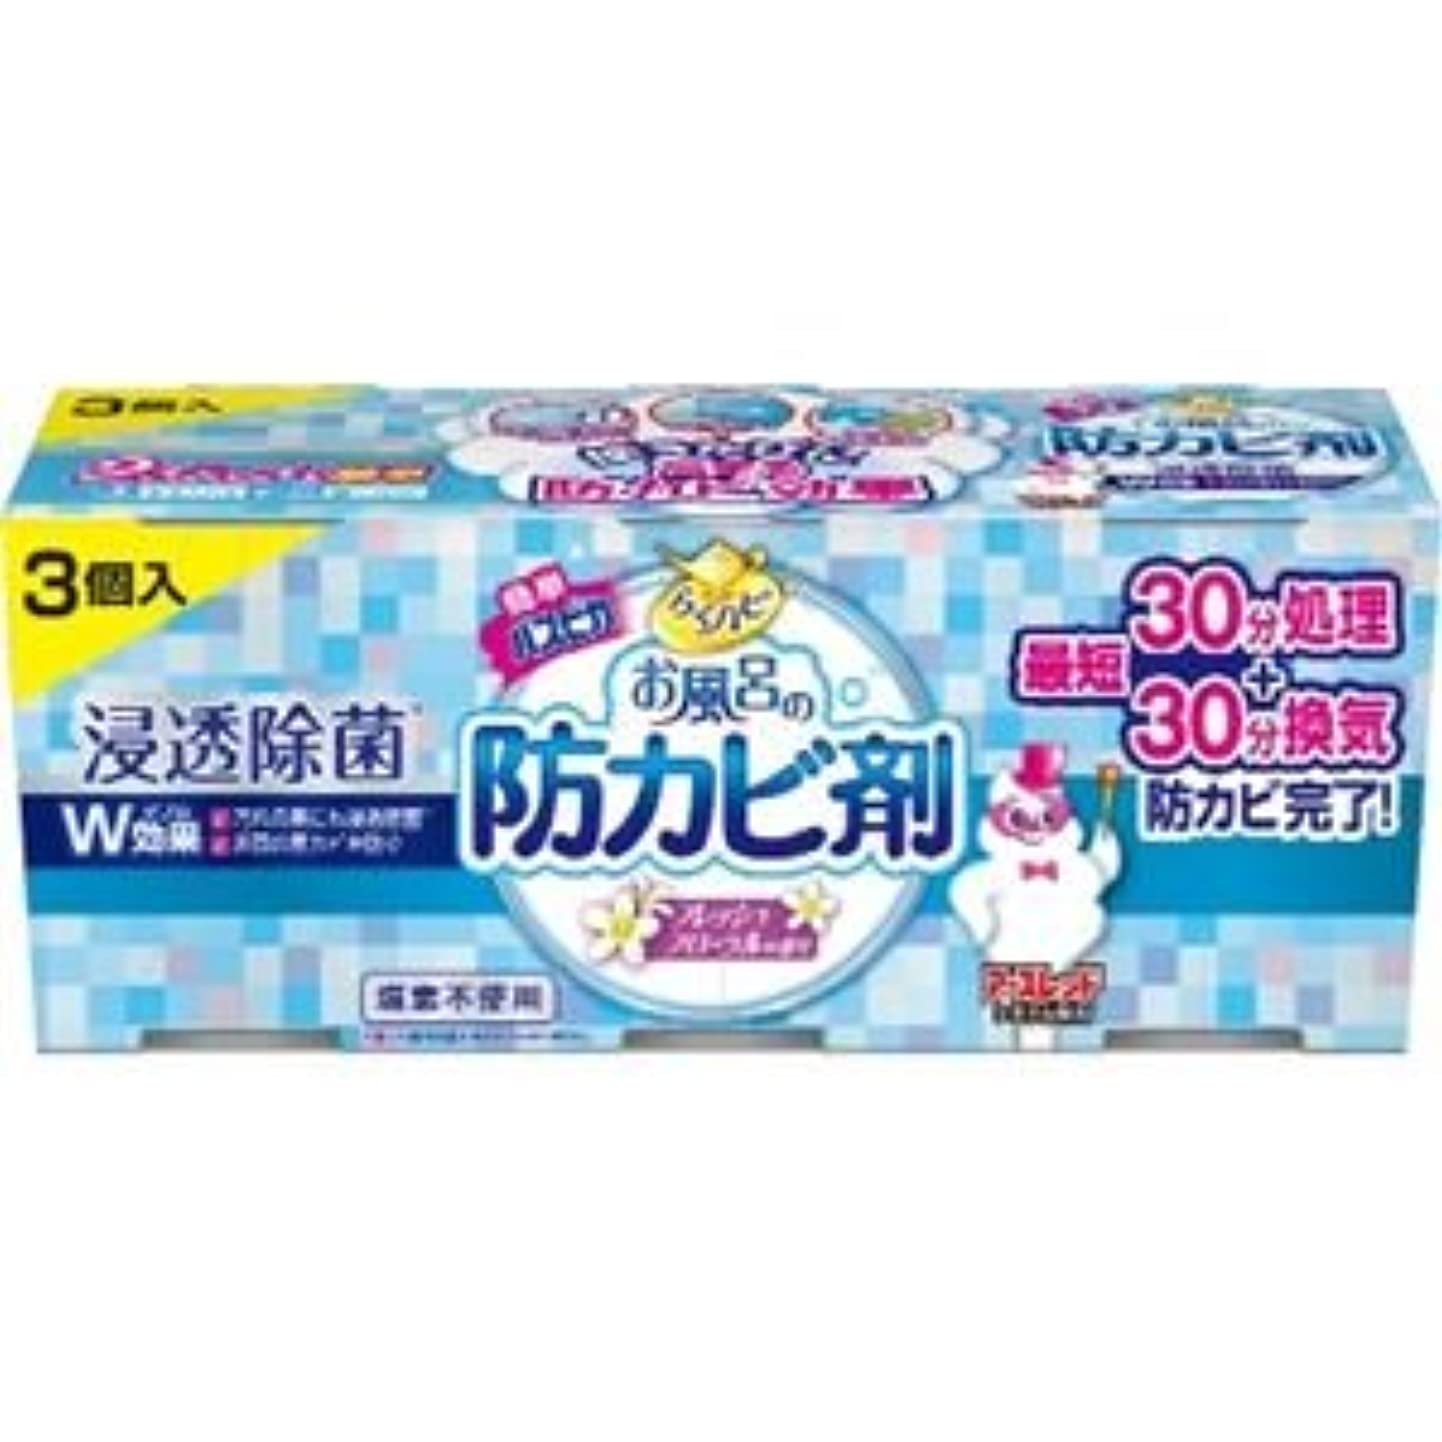 乙女露エントリ(まとめ)アース製薬 らくハピお風呂の防カビ剤フローラル3個パック 【×3点セット】